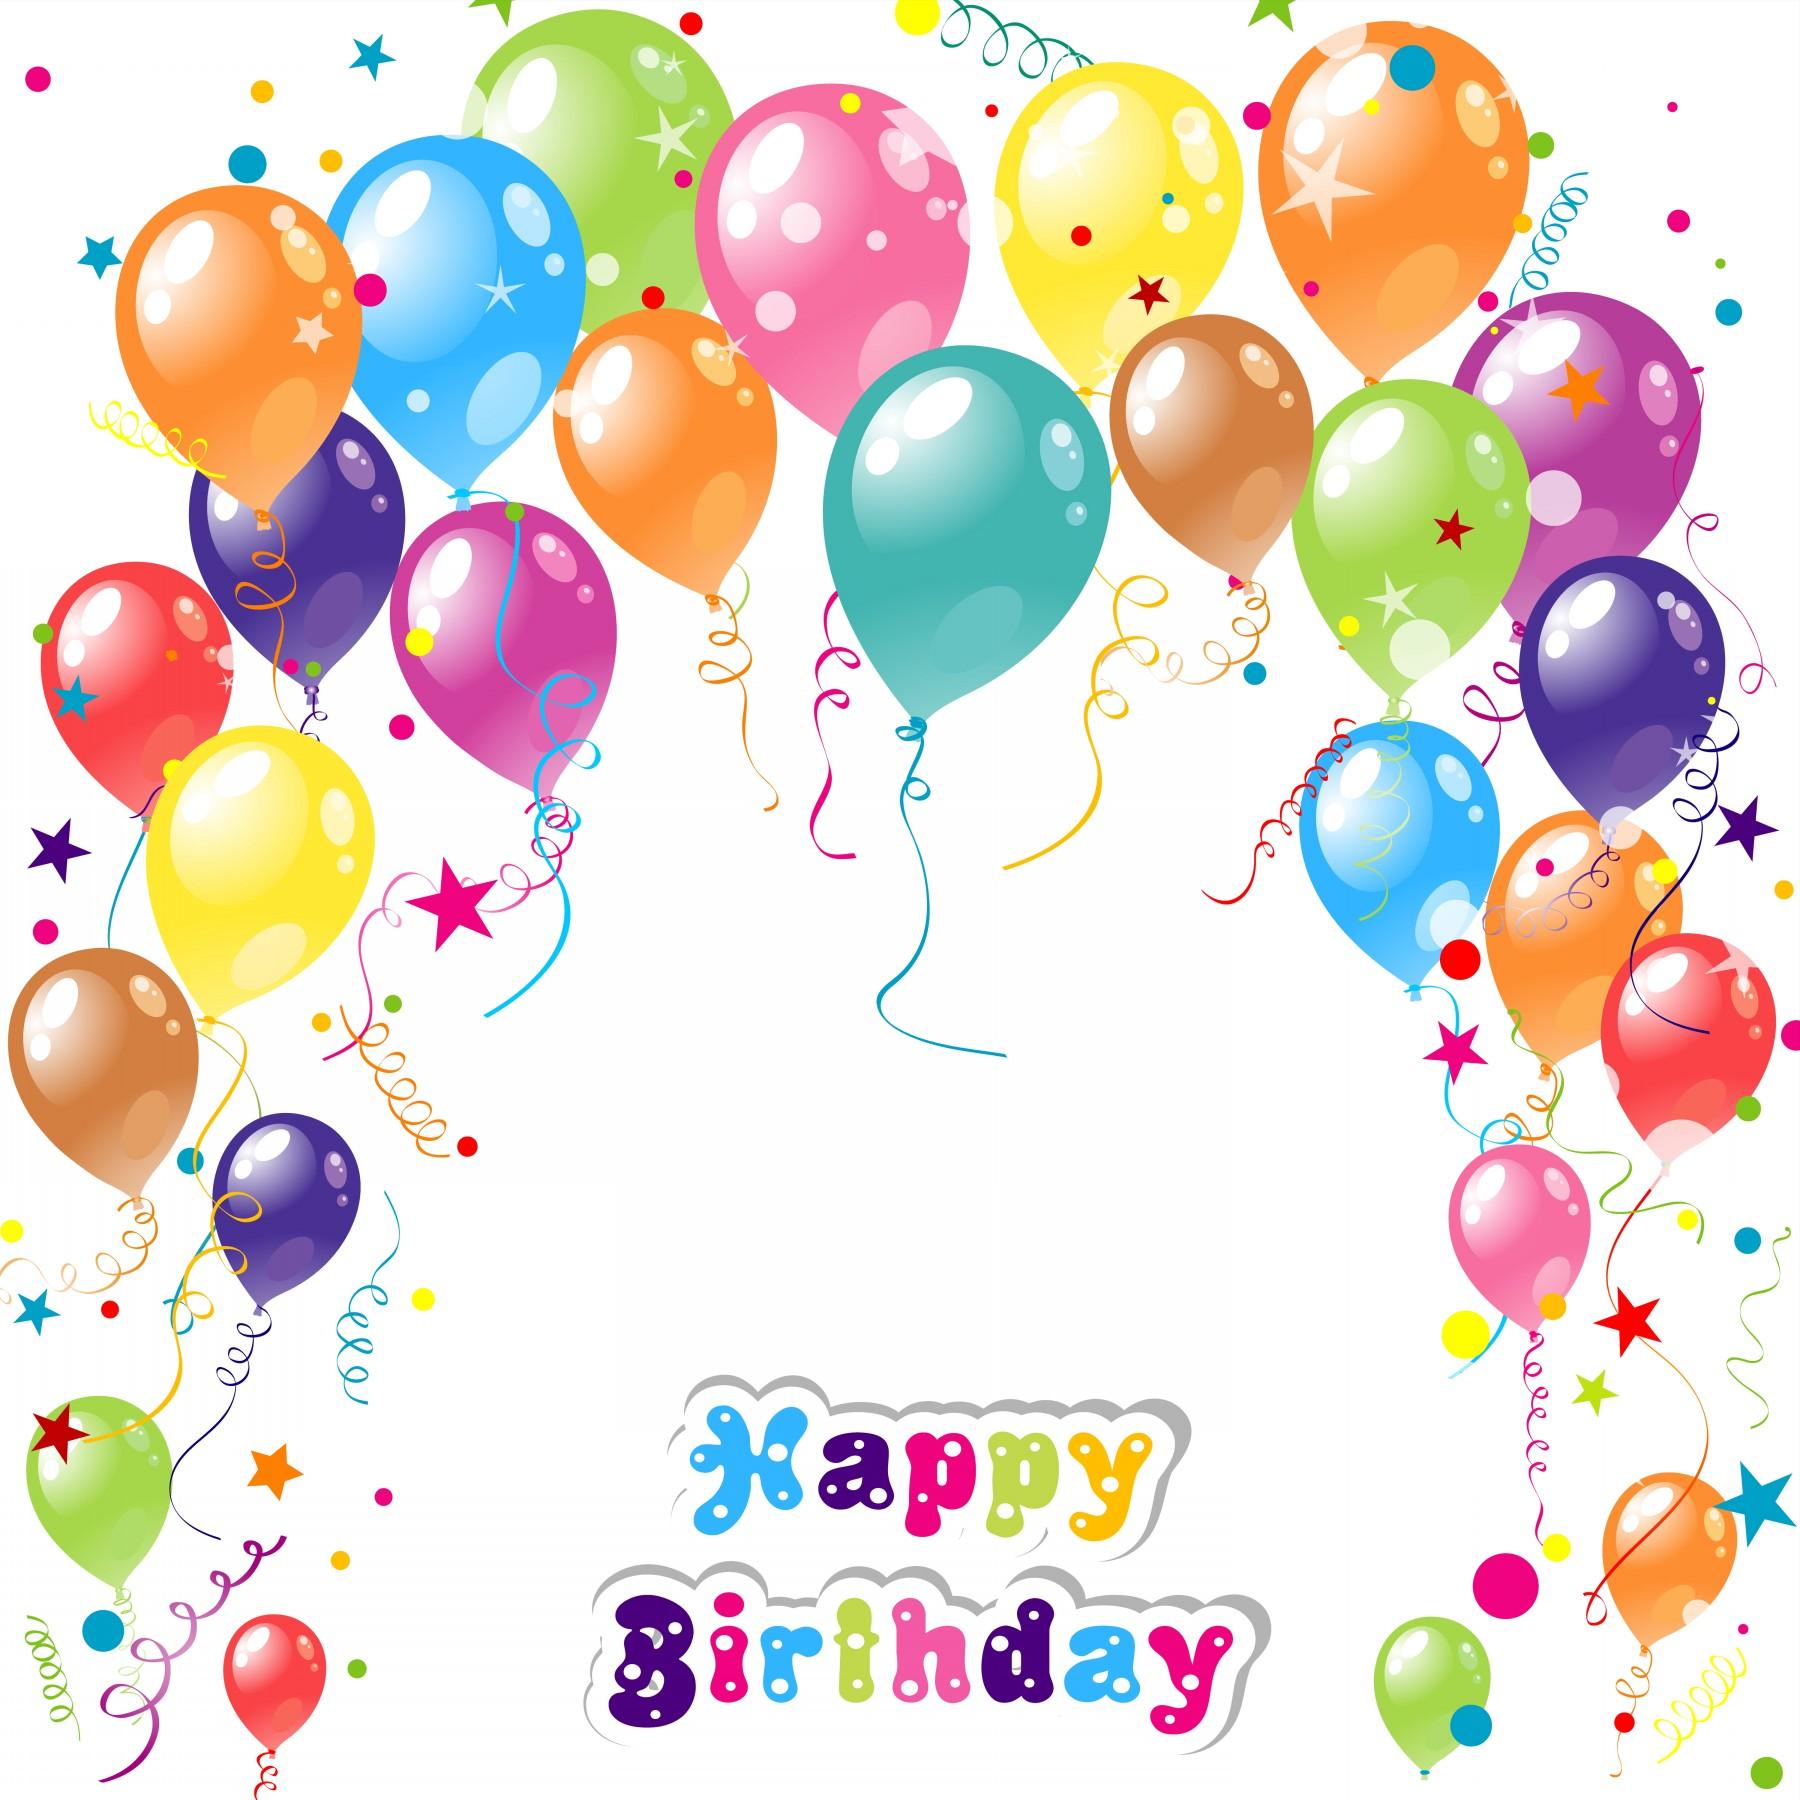 15) Happy Birthday Cards, New Designs | Amazing Photos